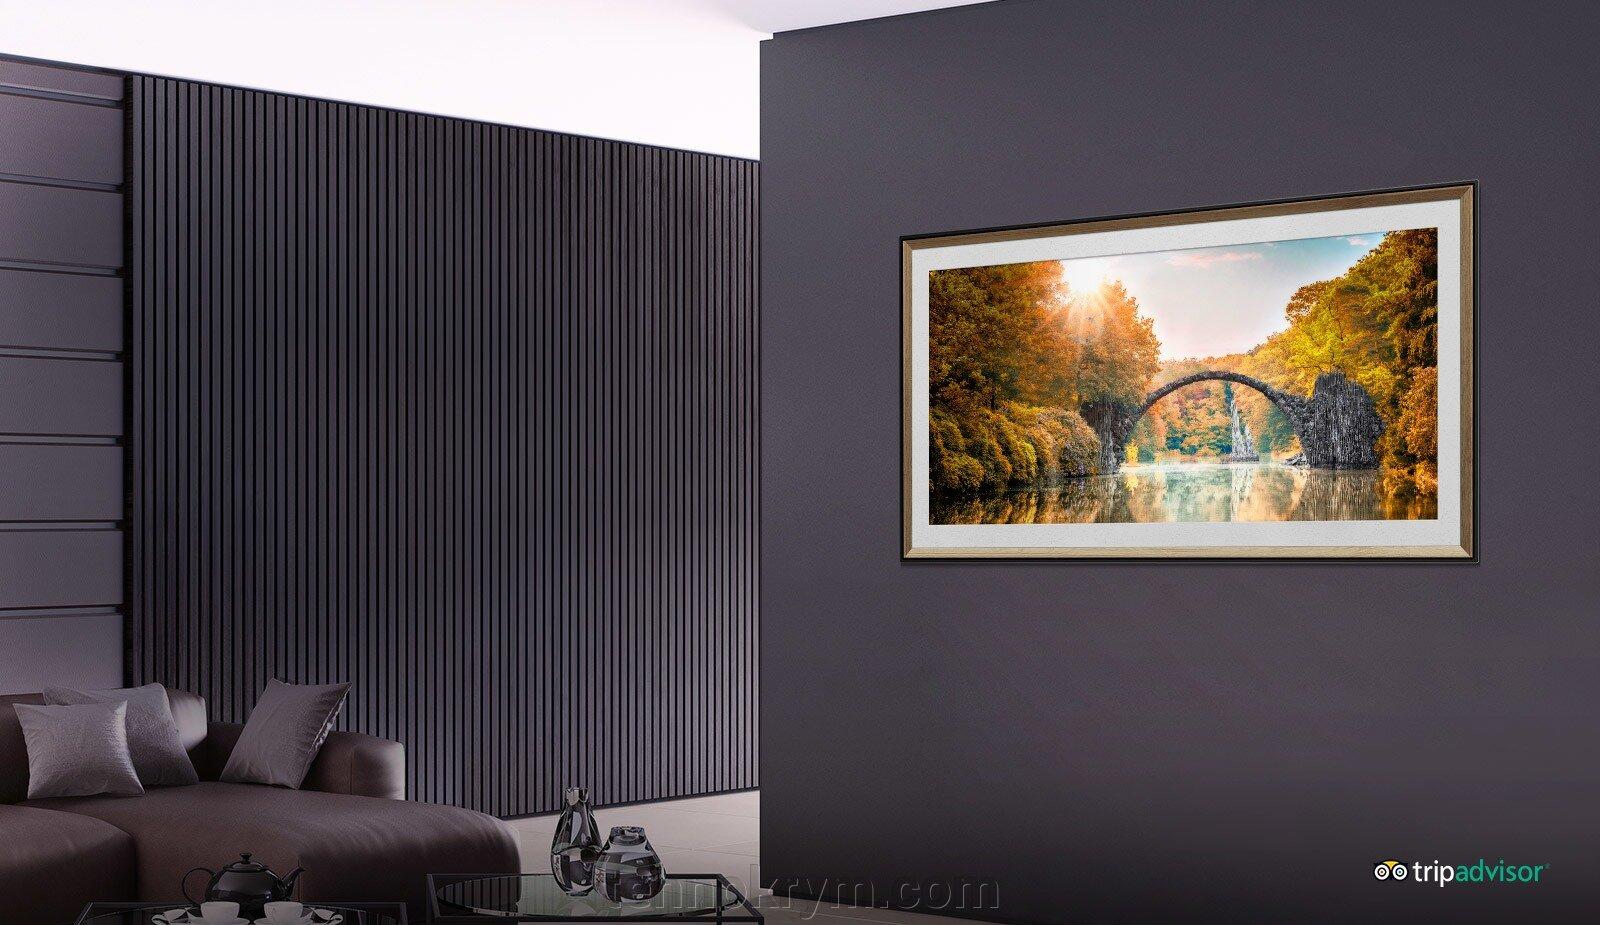 Smart OLED телевизор LG OLED55B9PLA, Ultra HD, черный, webOS 4.5, модельный ряд 2019 года - фото pic_f334dc0f71a5c5f88840b1fd5c910419_1920x9000_1.jpg